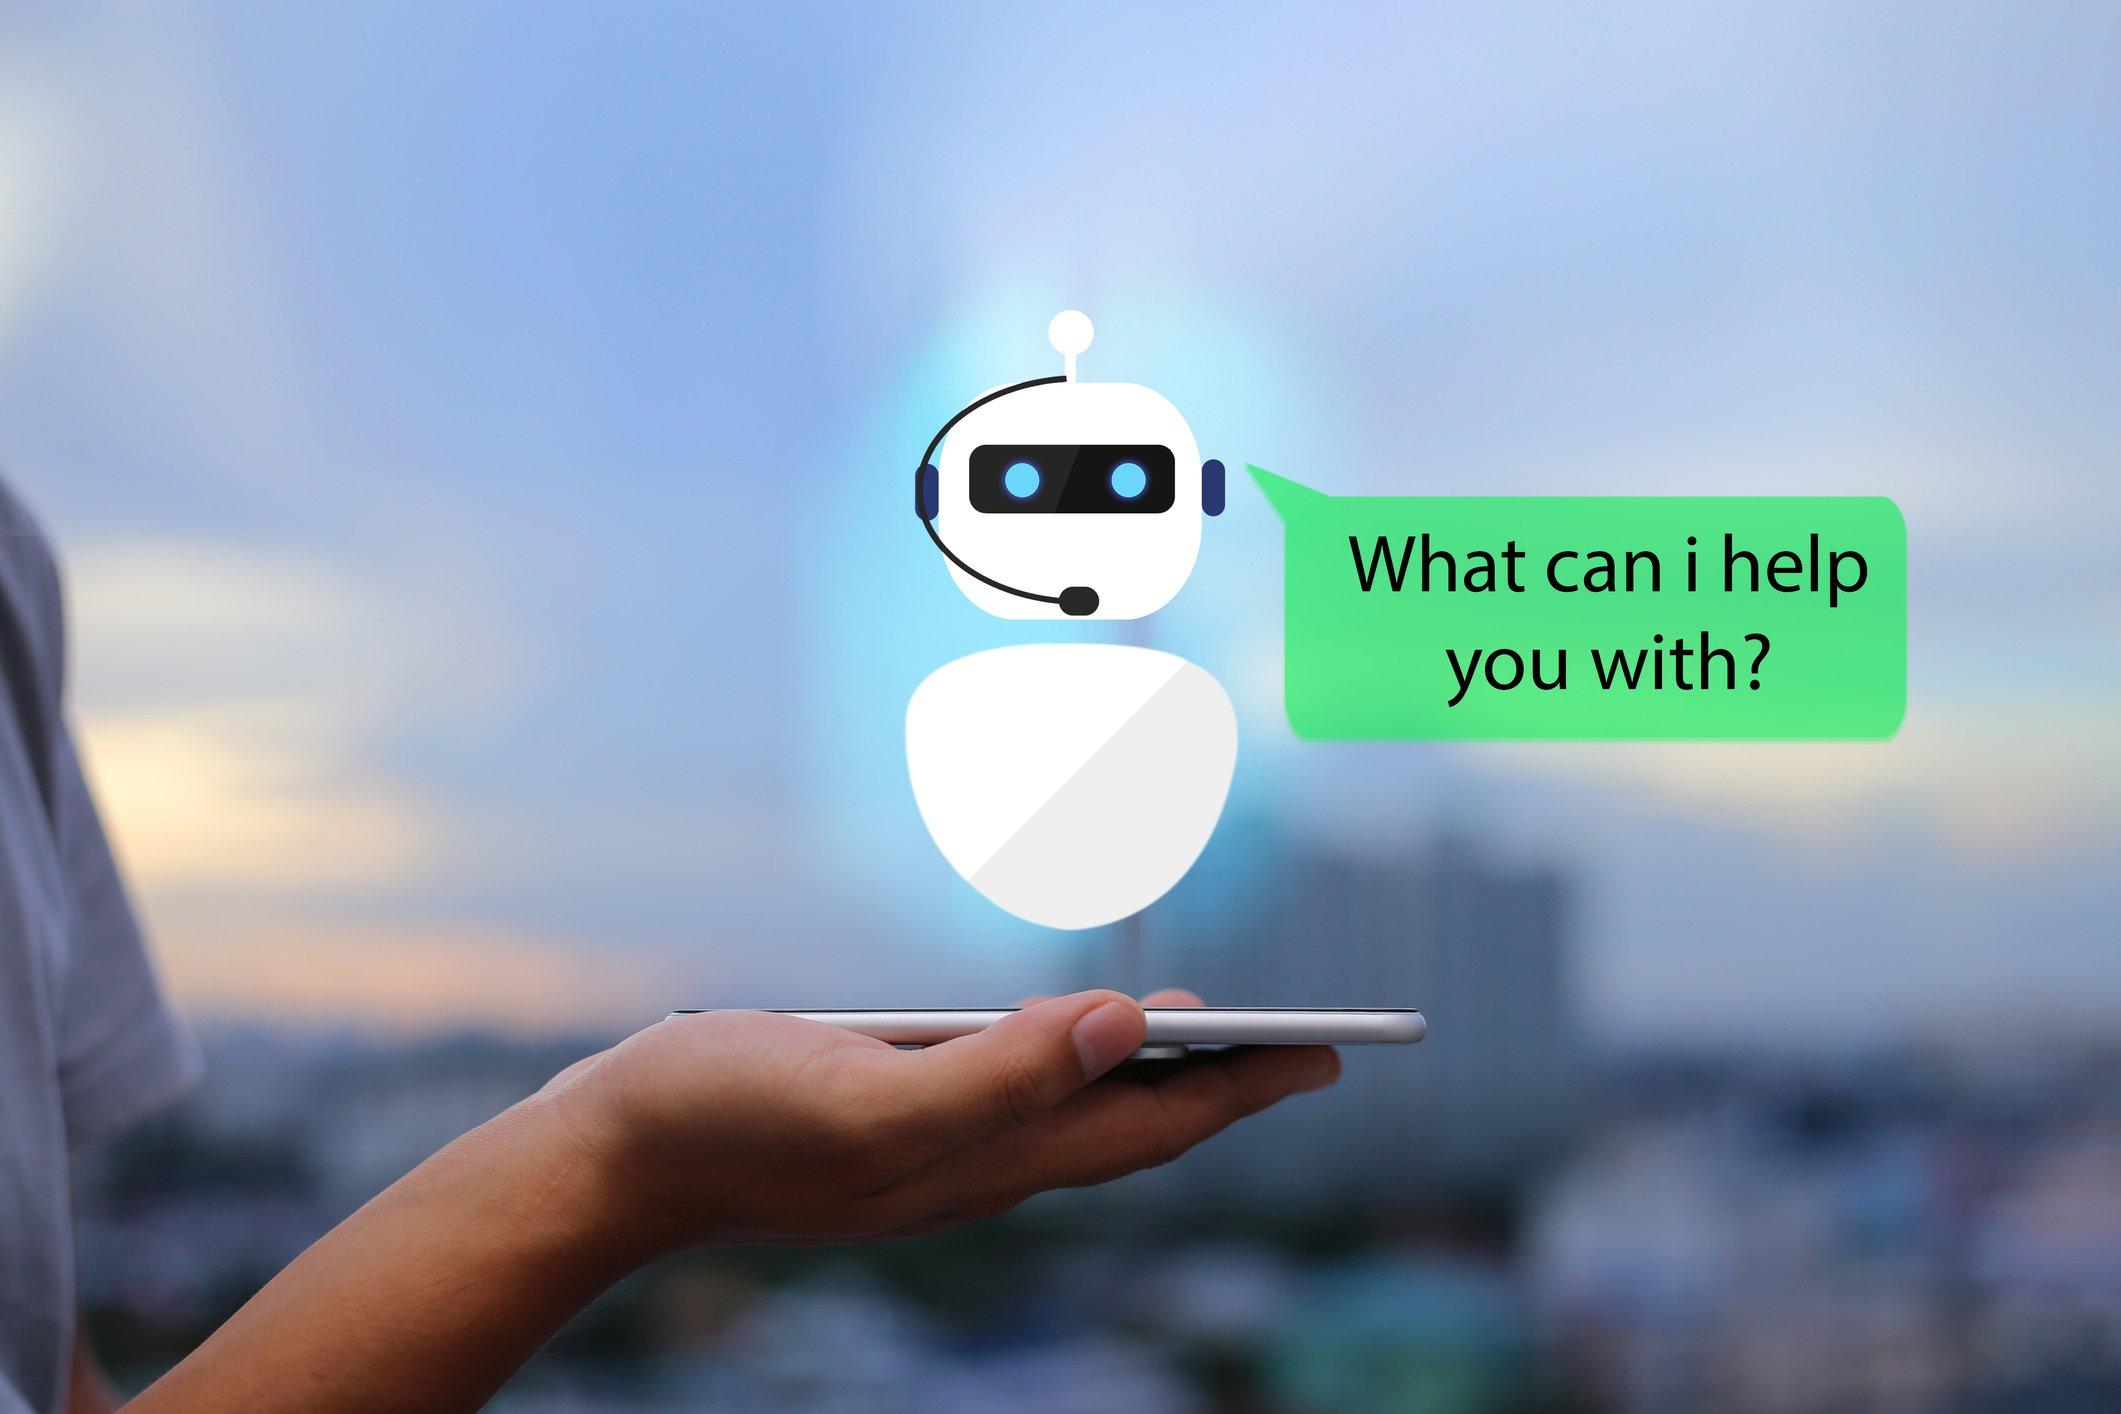 أخطاء الشركات الأكثر شيوعاً عند استخدام روبوتات المحادثة